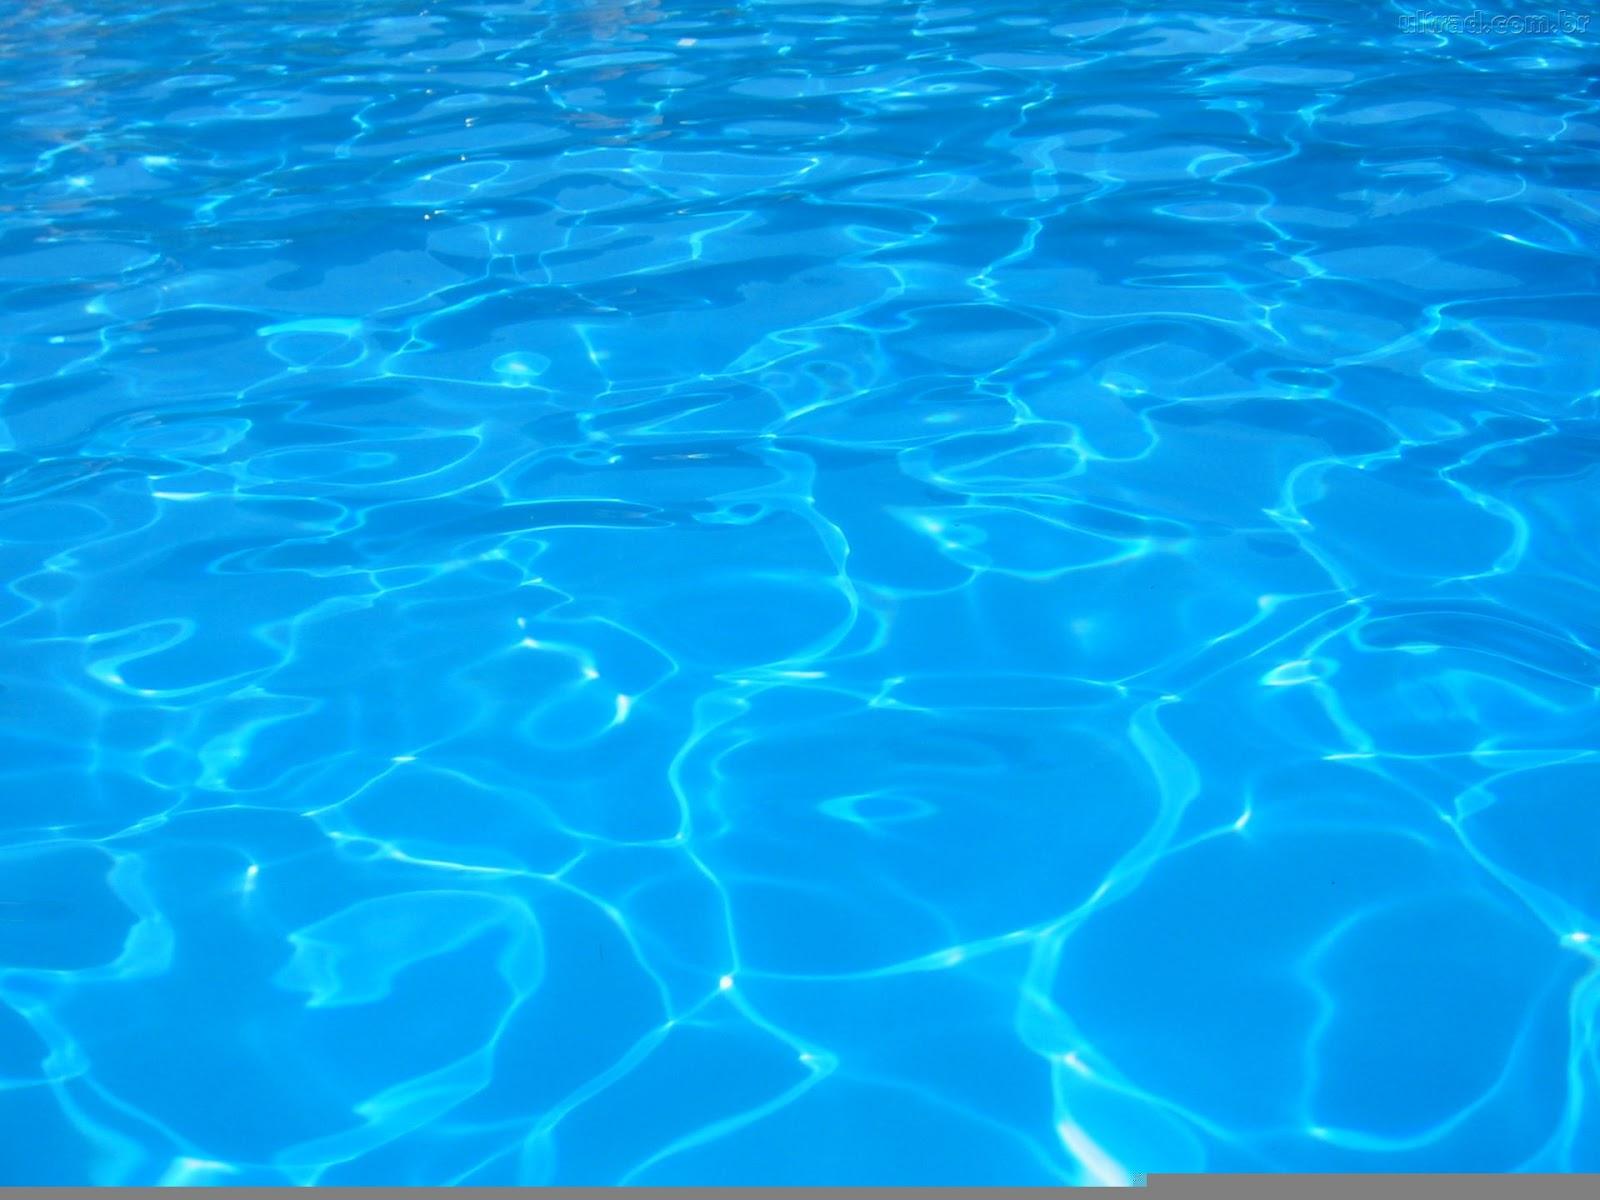 Imagens maravilhosas fundo de tela tudo azul for Piscina gratuita